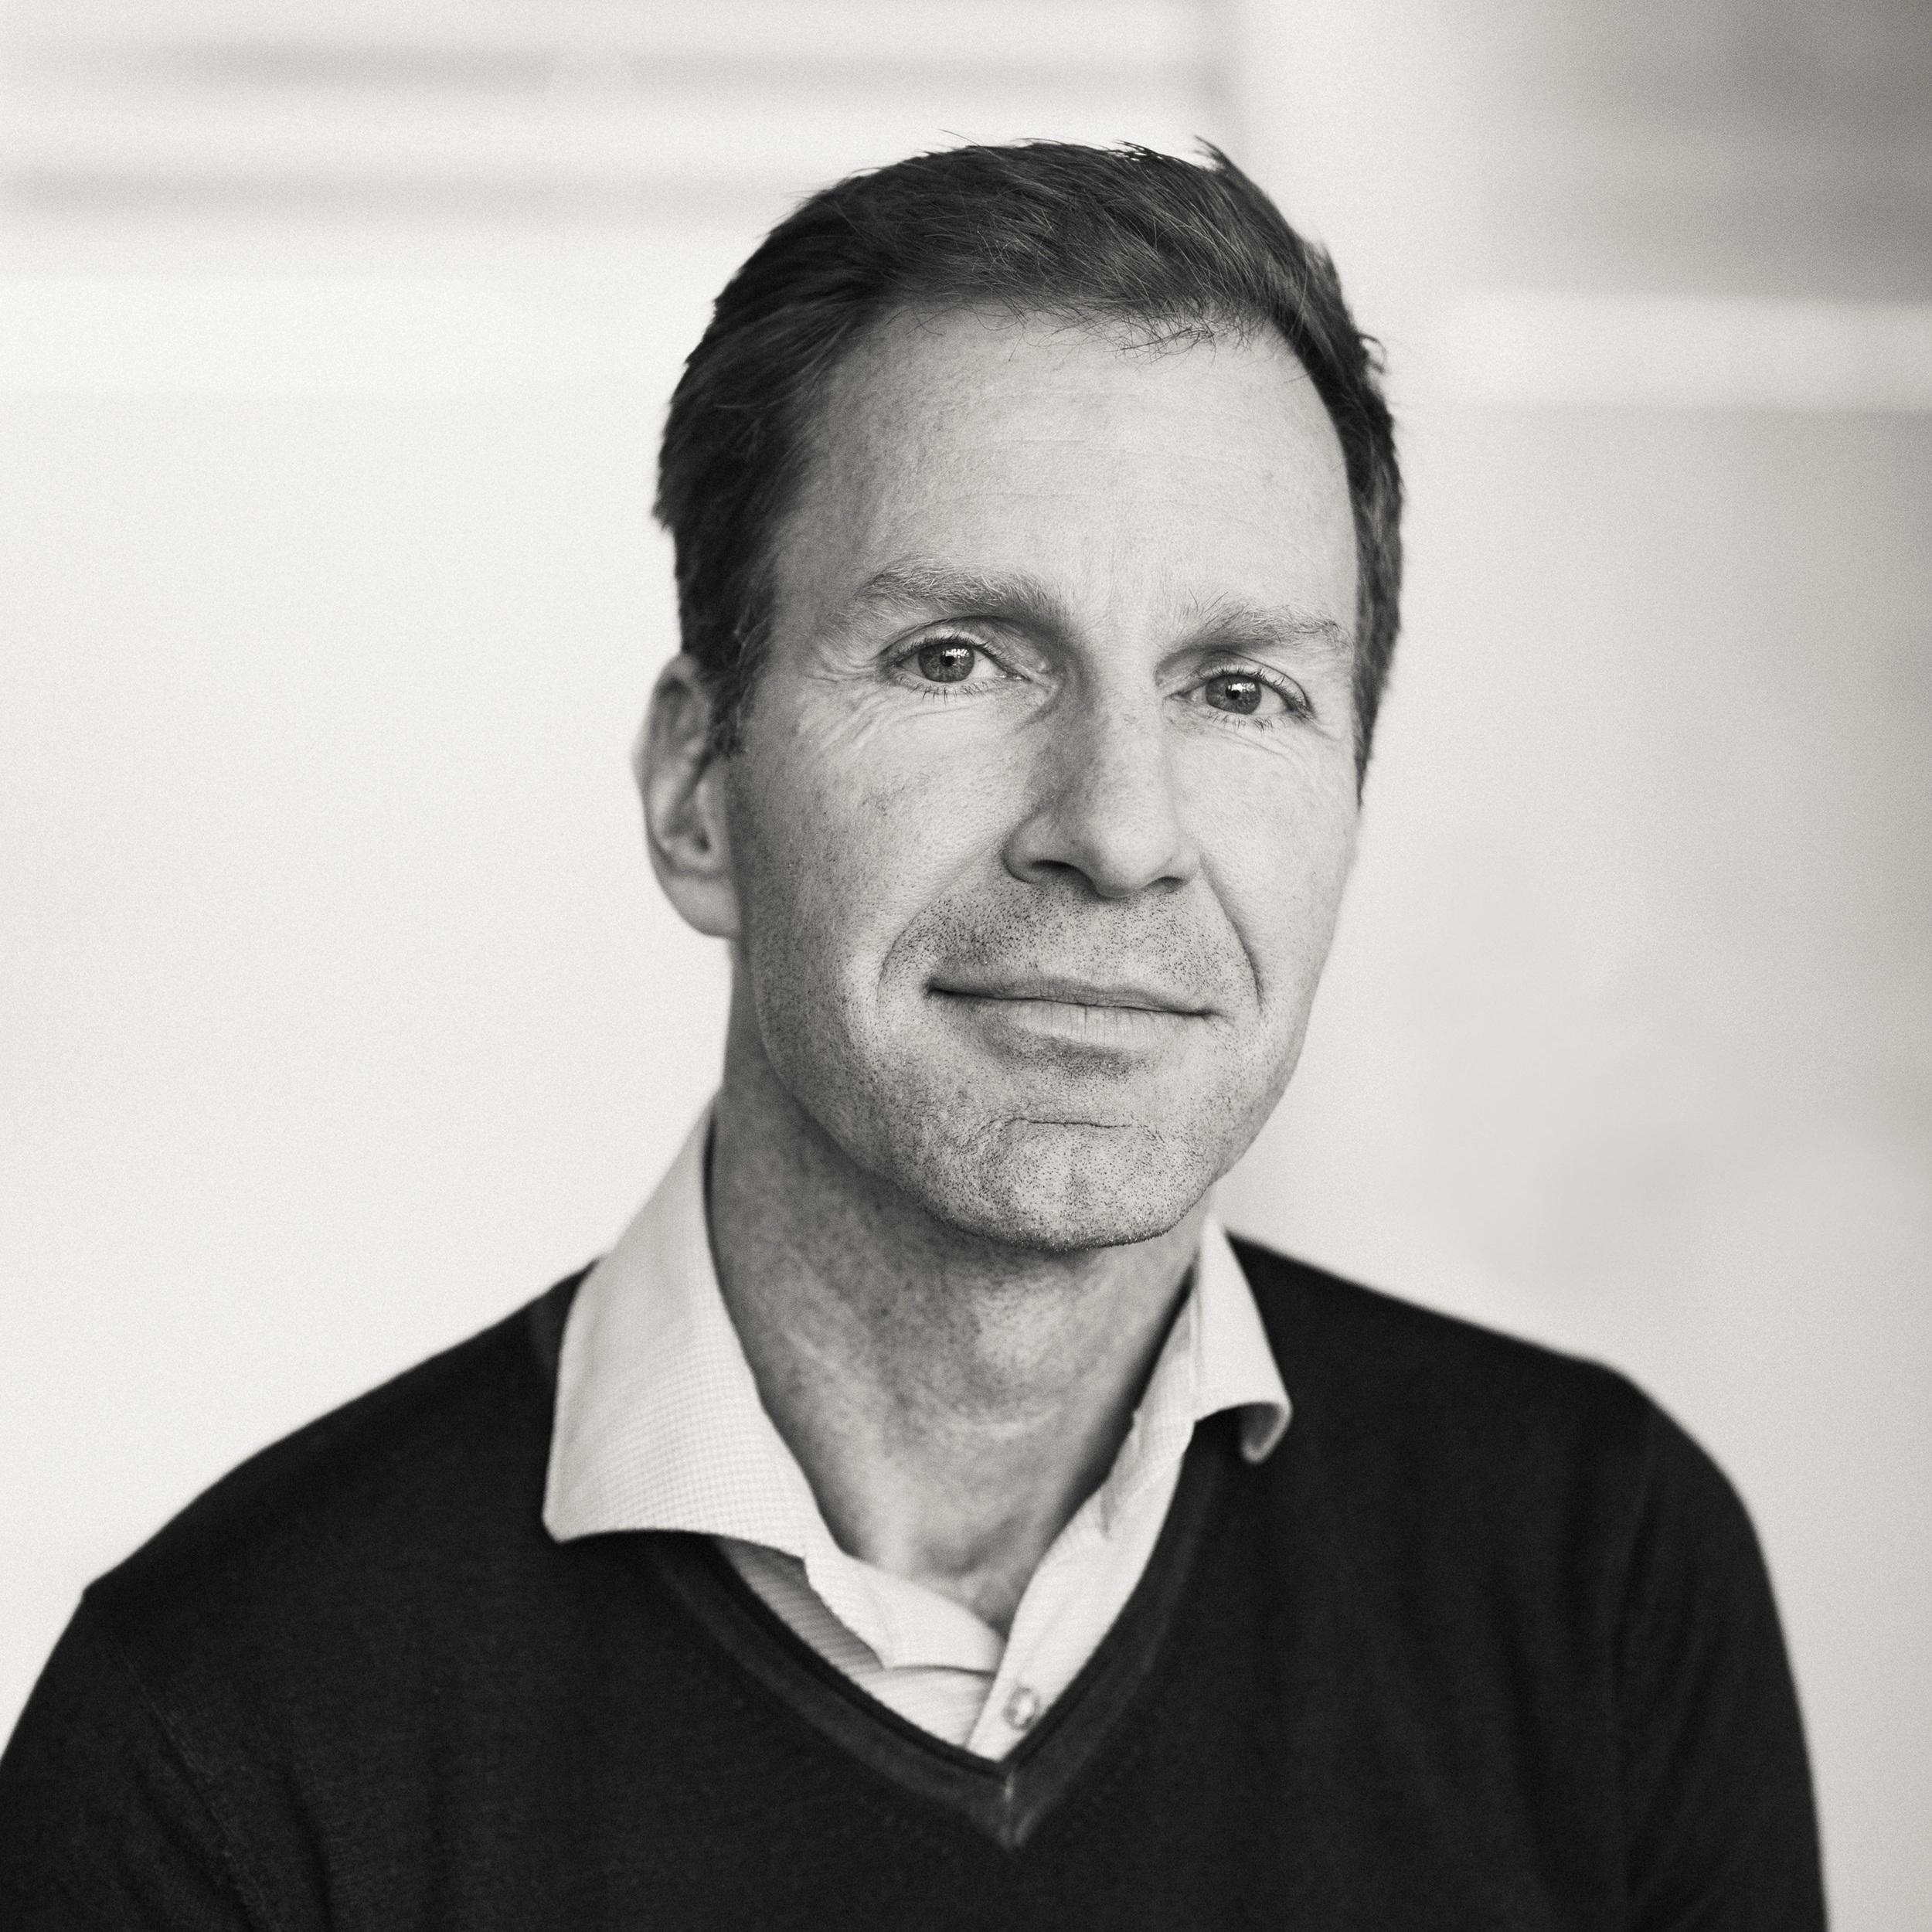 Martin Solleveld